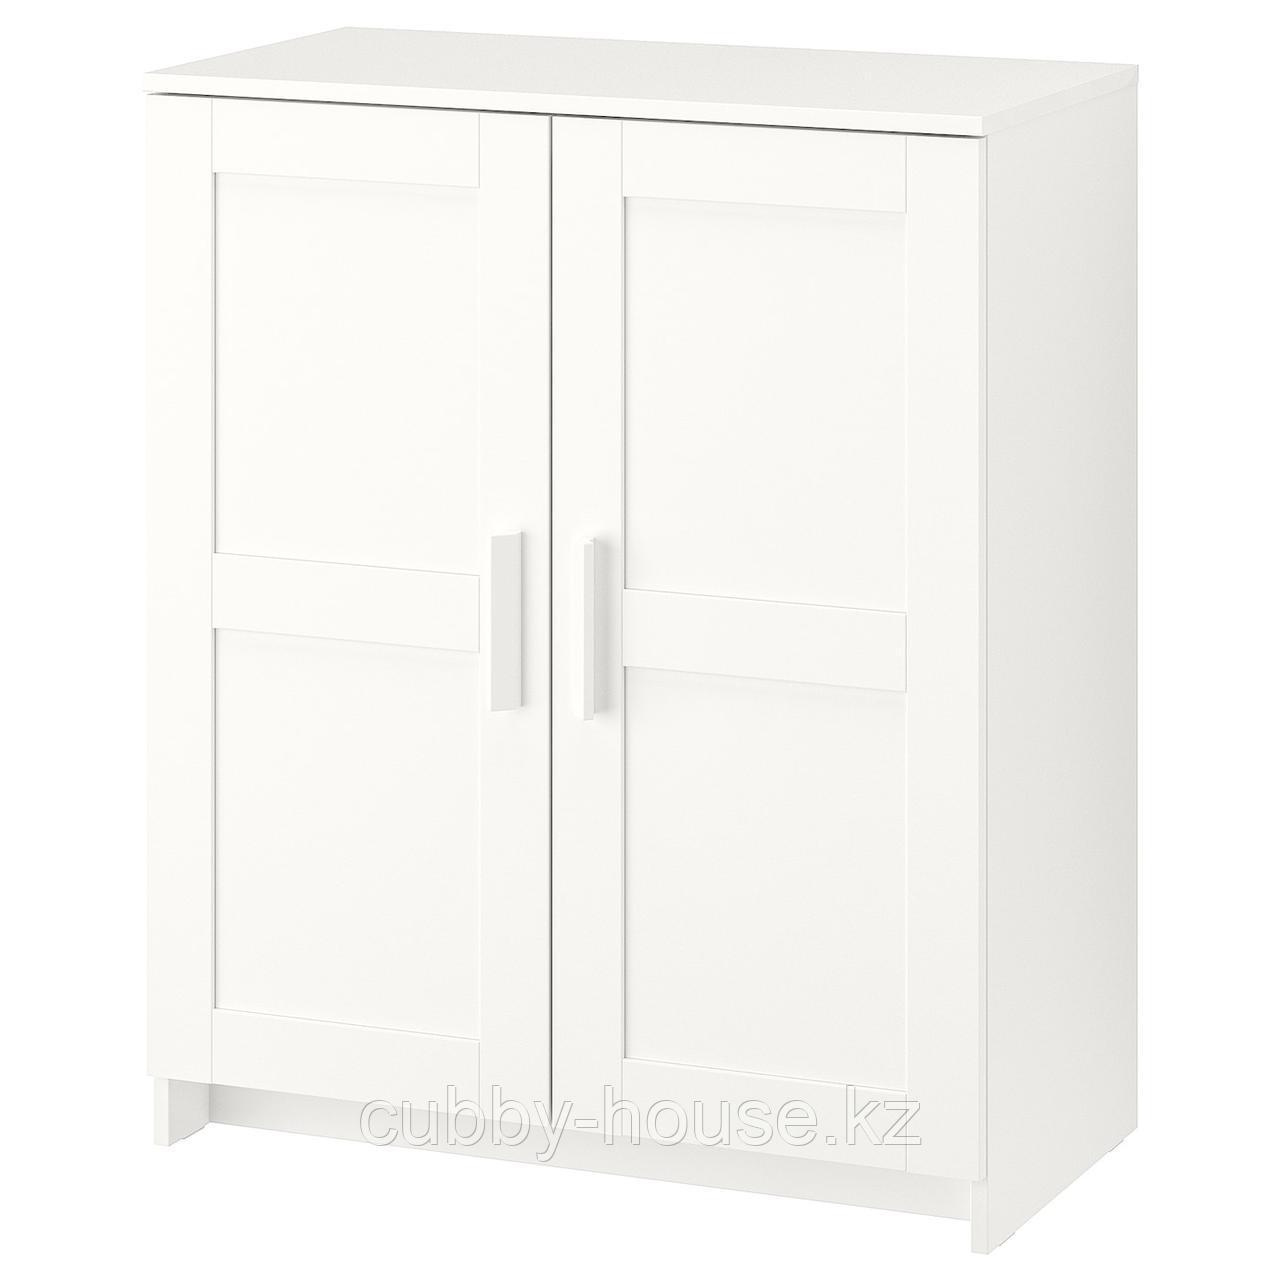 БРИМНЭС Шкаф с дверями, (белый, чёрный) 78x95 см